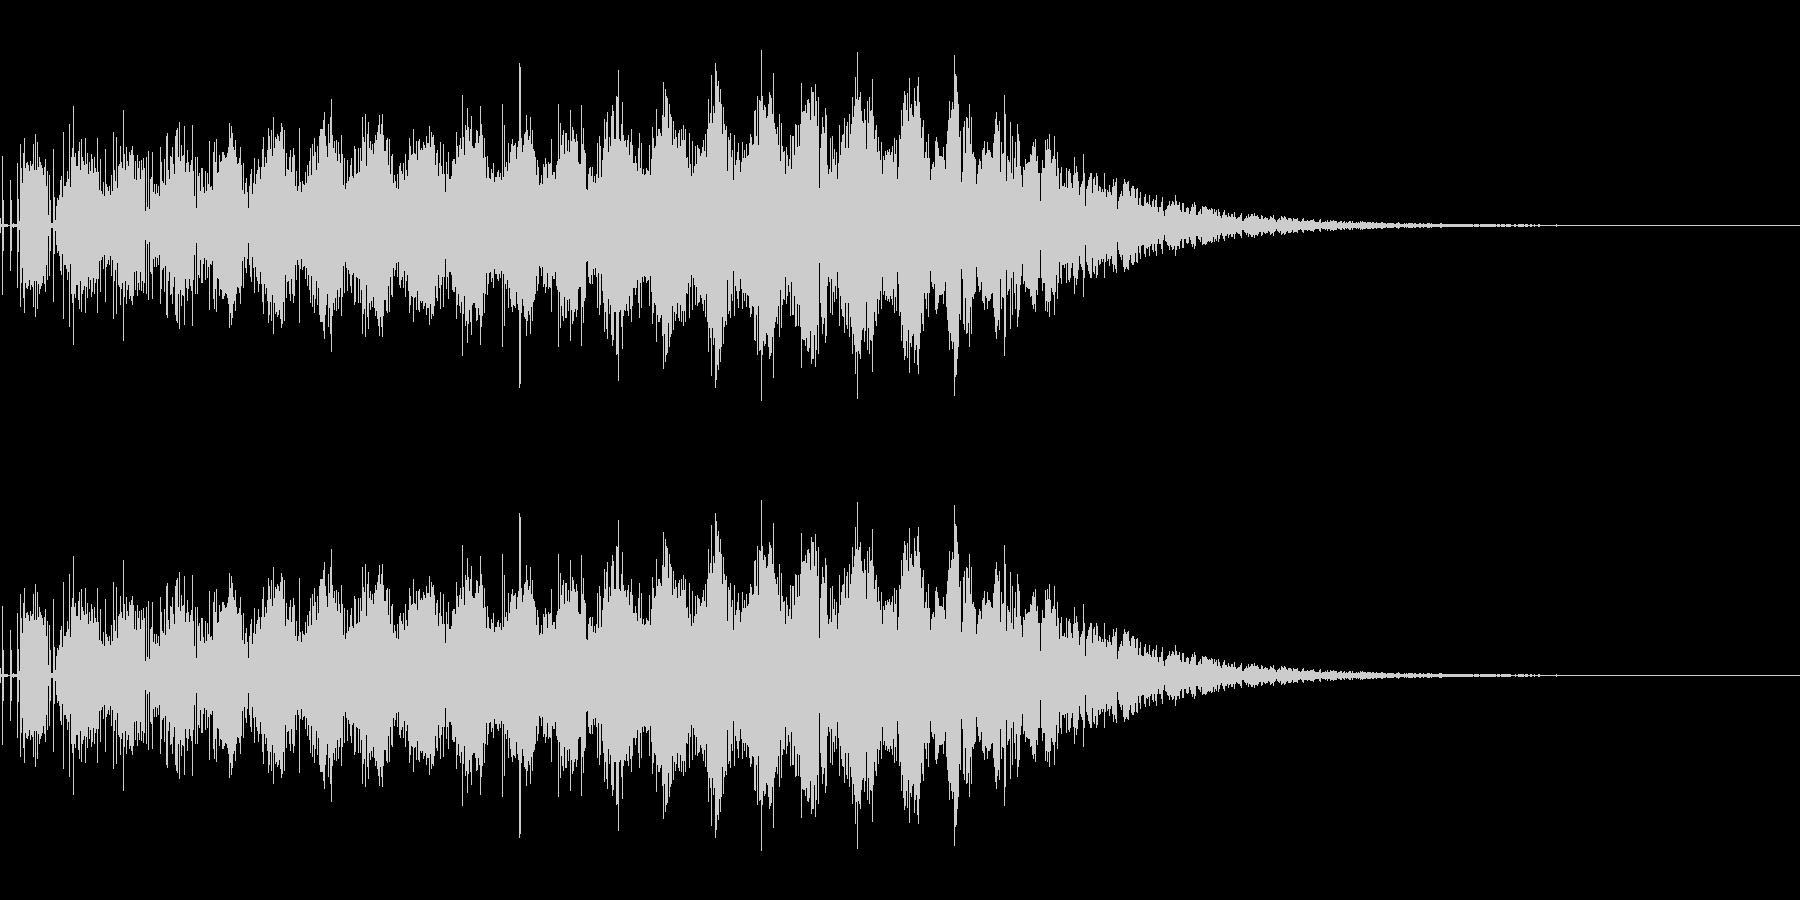 少し力を溜めてビーム発射(SF/宇宙)の未再生の波形